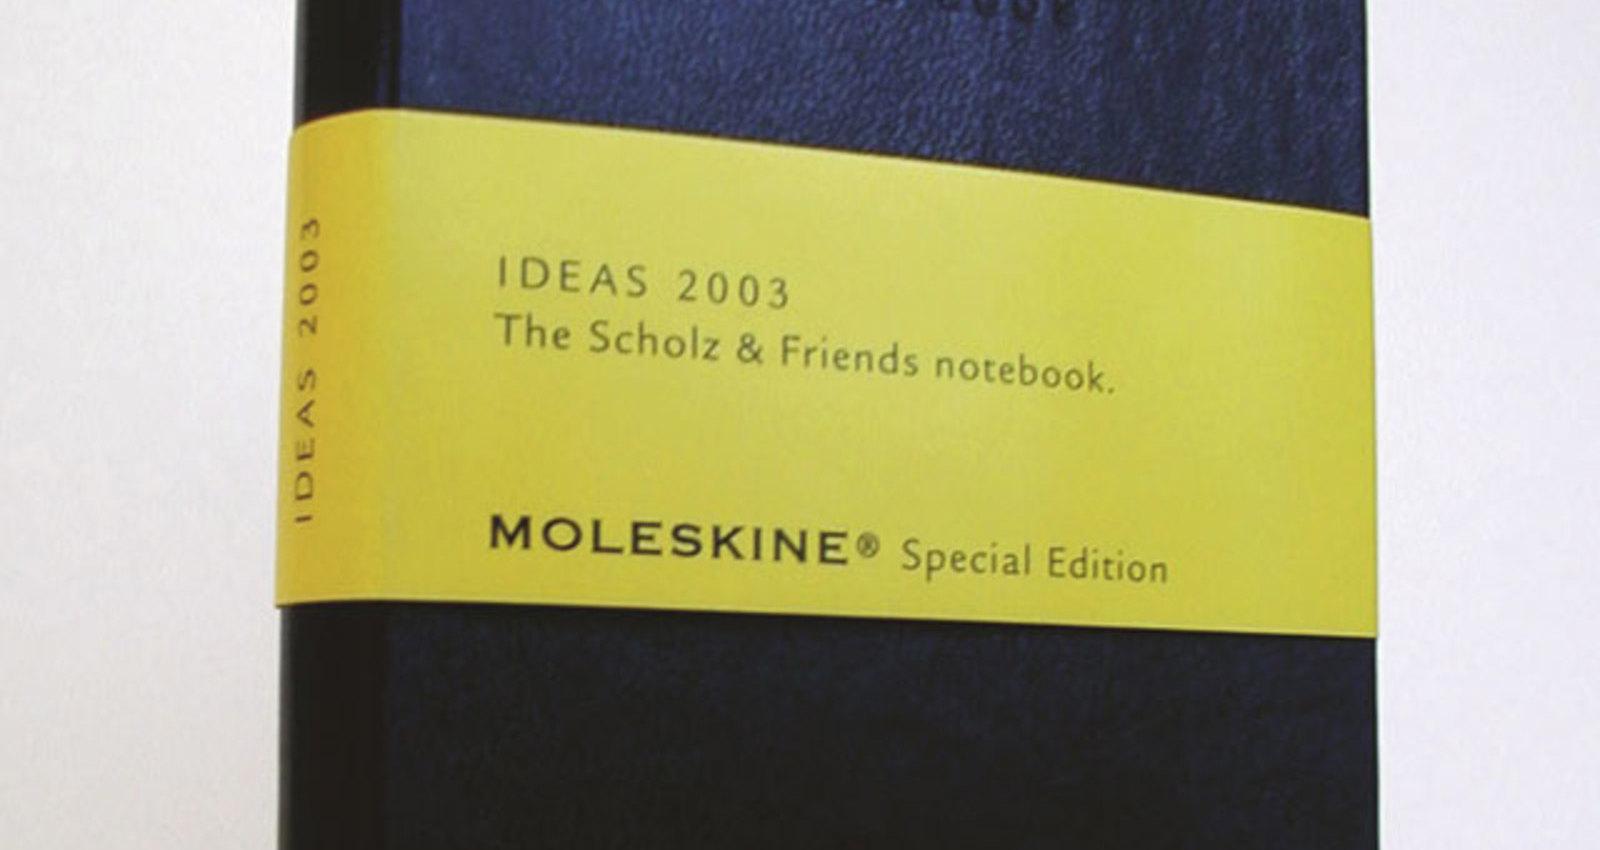 Ideas 2003